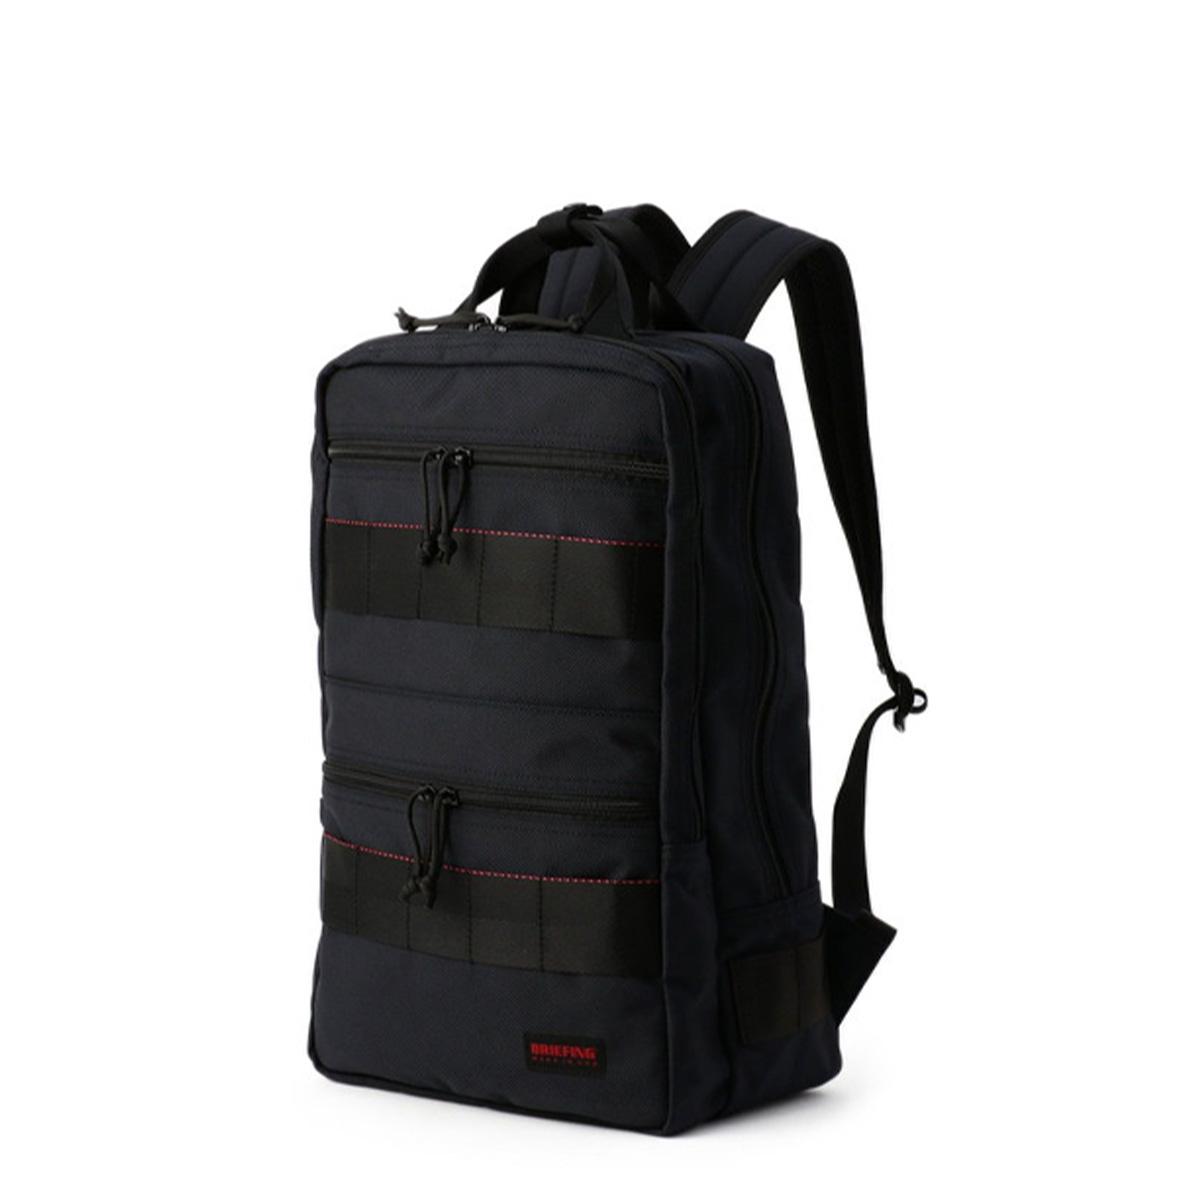 BRIEFING SQ PACK ブリーフィング リュック バッグ バックパック メンズ 21.5L ブラック ネイビー 黒 BRF298219